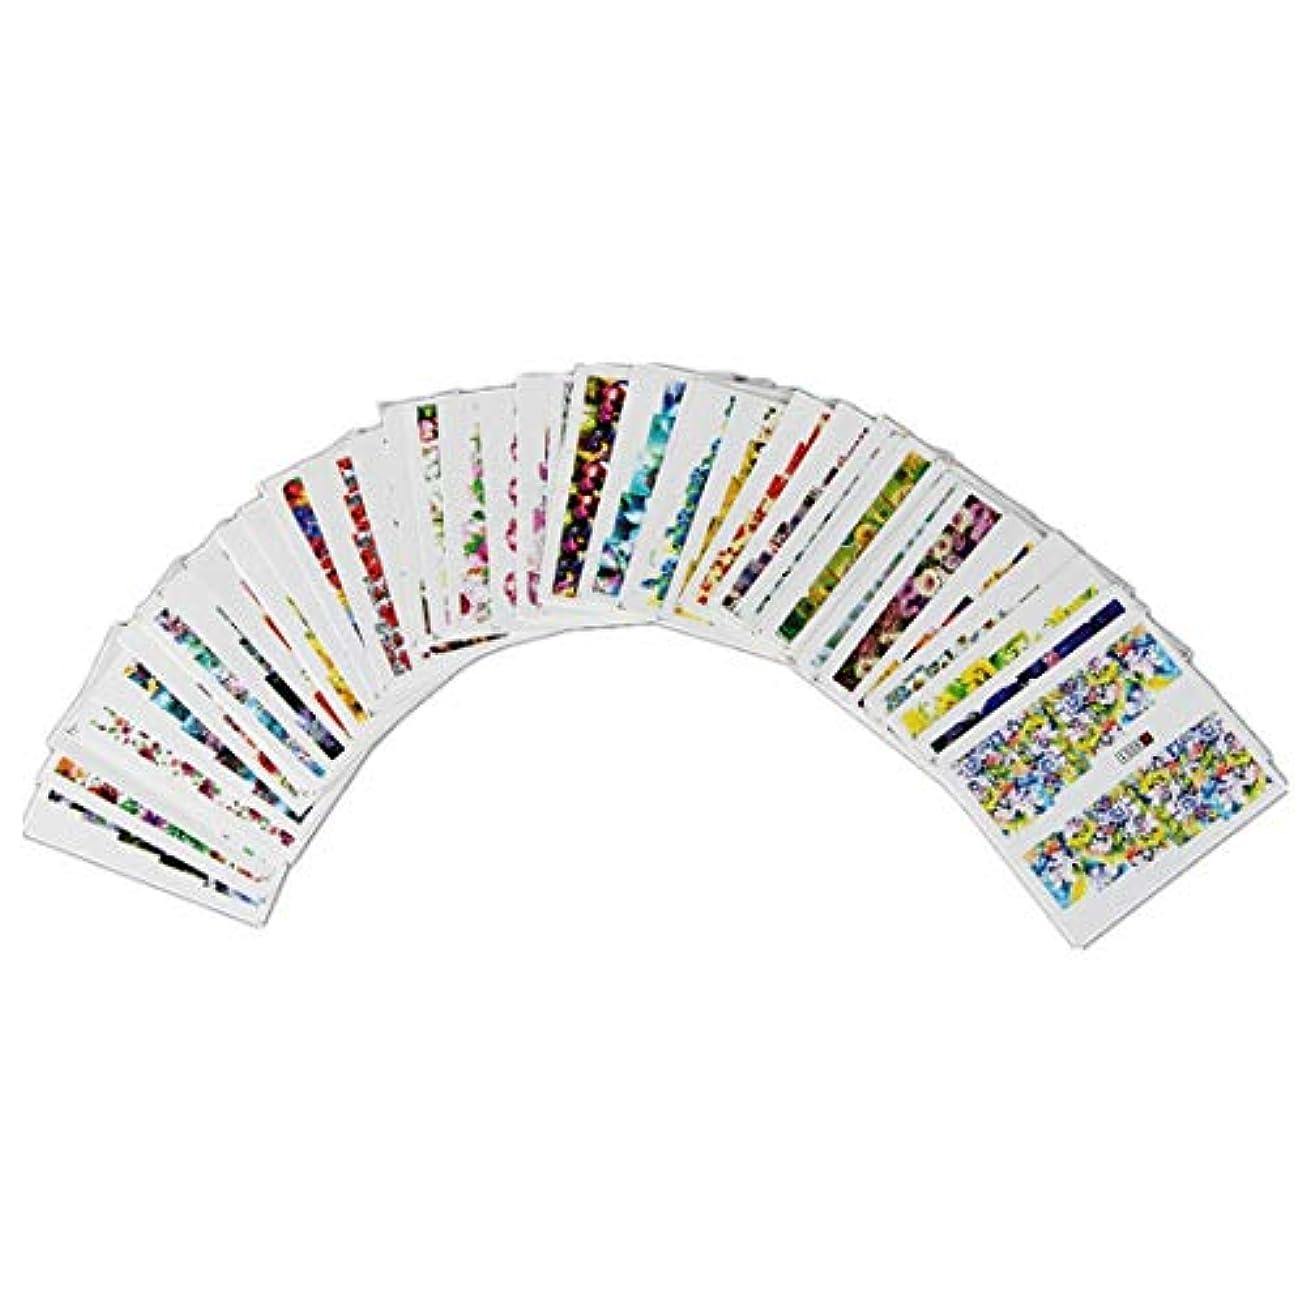 爆発防ぐ廃止するOWNFSKNL 50枚ネイルステッカー盛り合わせパターン水転写花フラワーステッカーセット女性用爪の装飾ネイルデカールネイルアートアクセサリーマニキュアチャームヒント